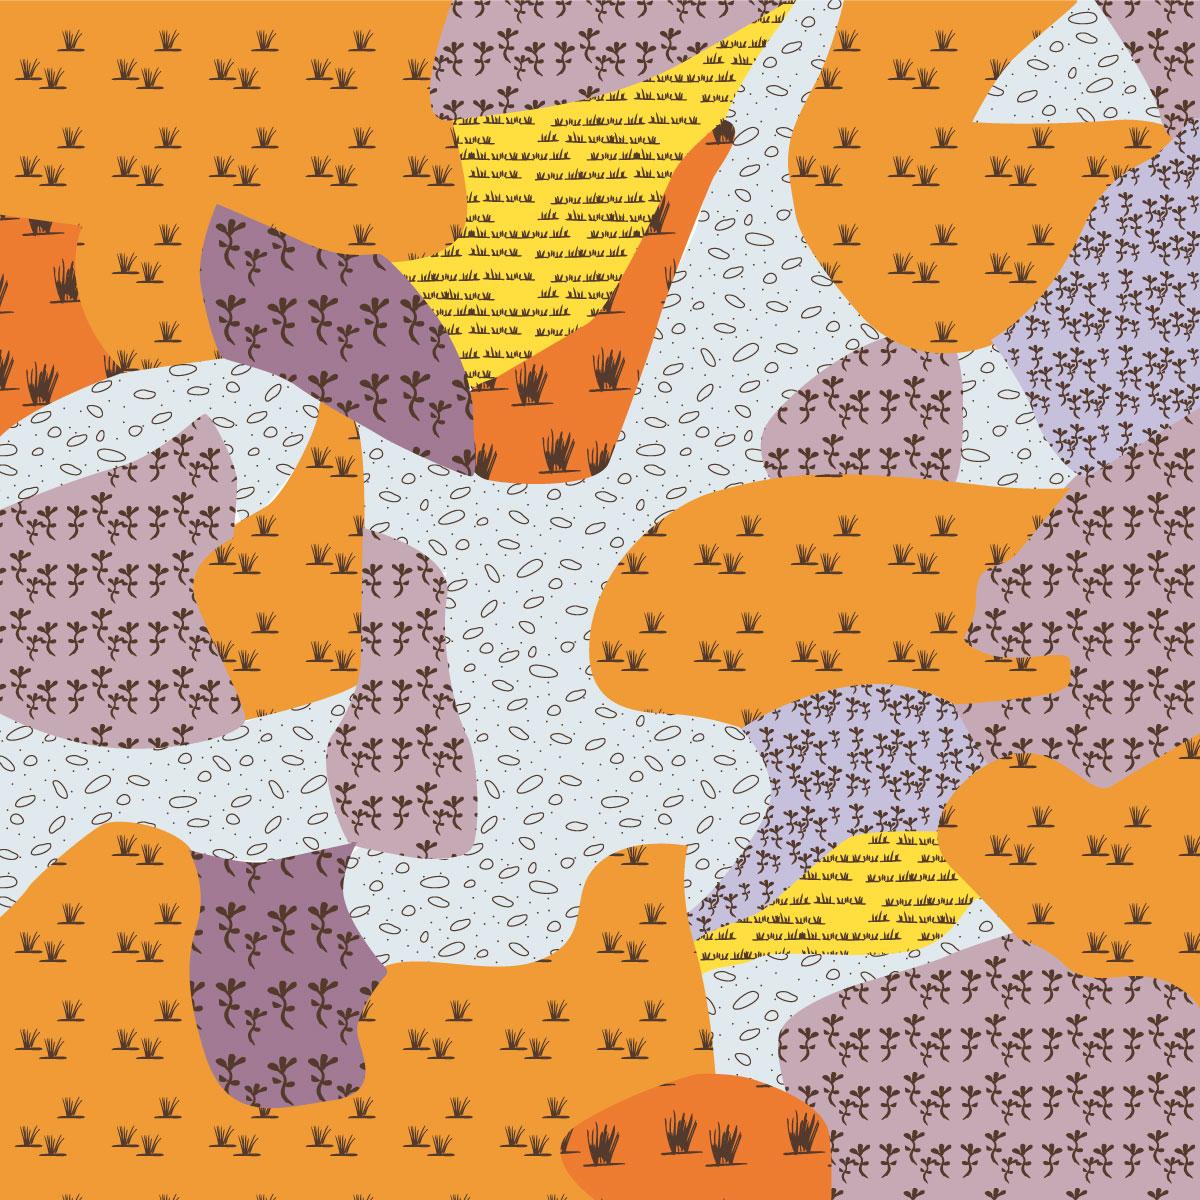 EVC 132_61 Heavier-soils Plains Grassland image